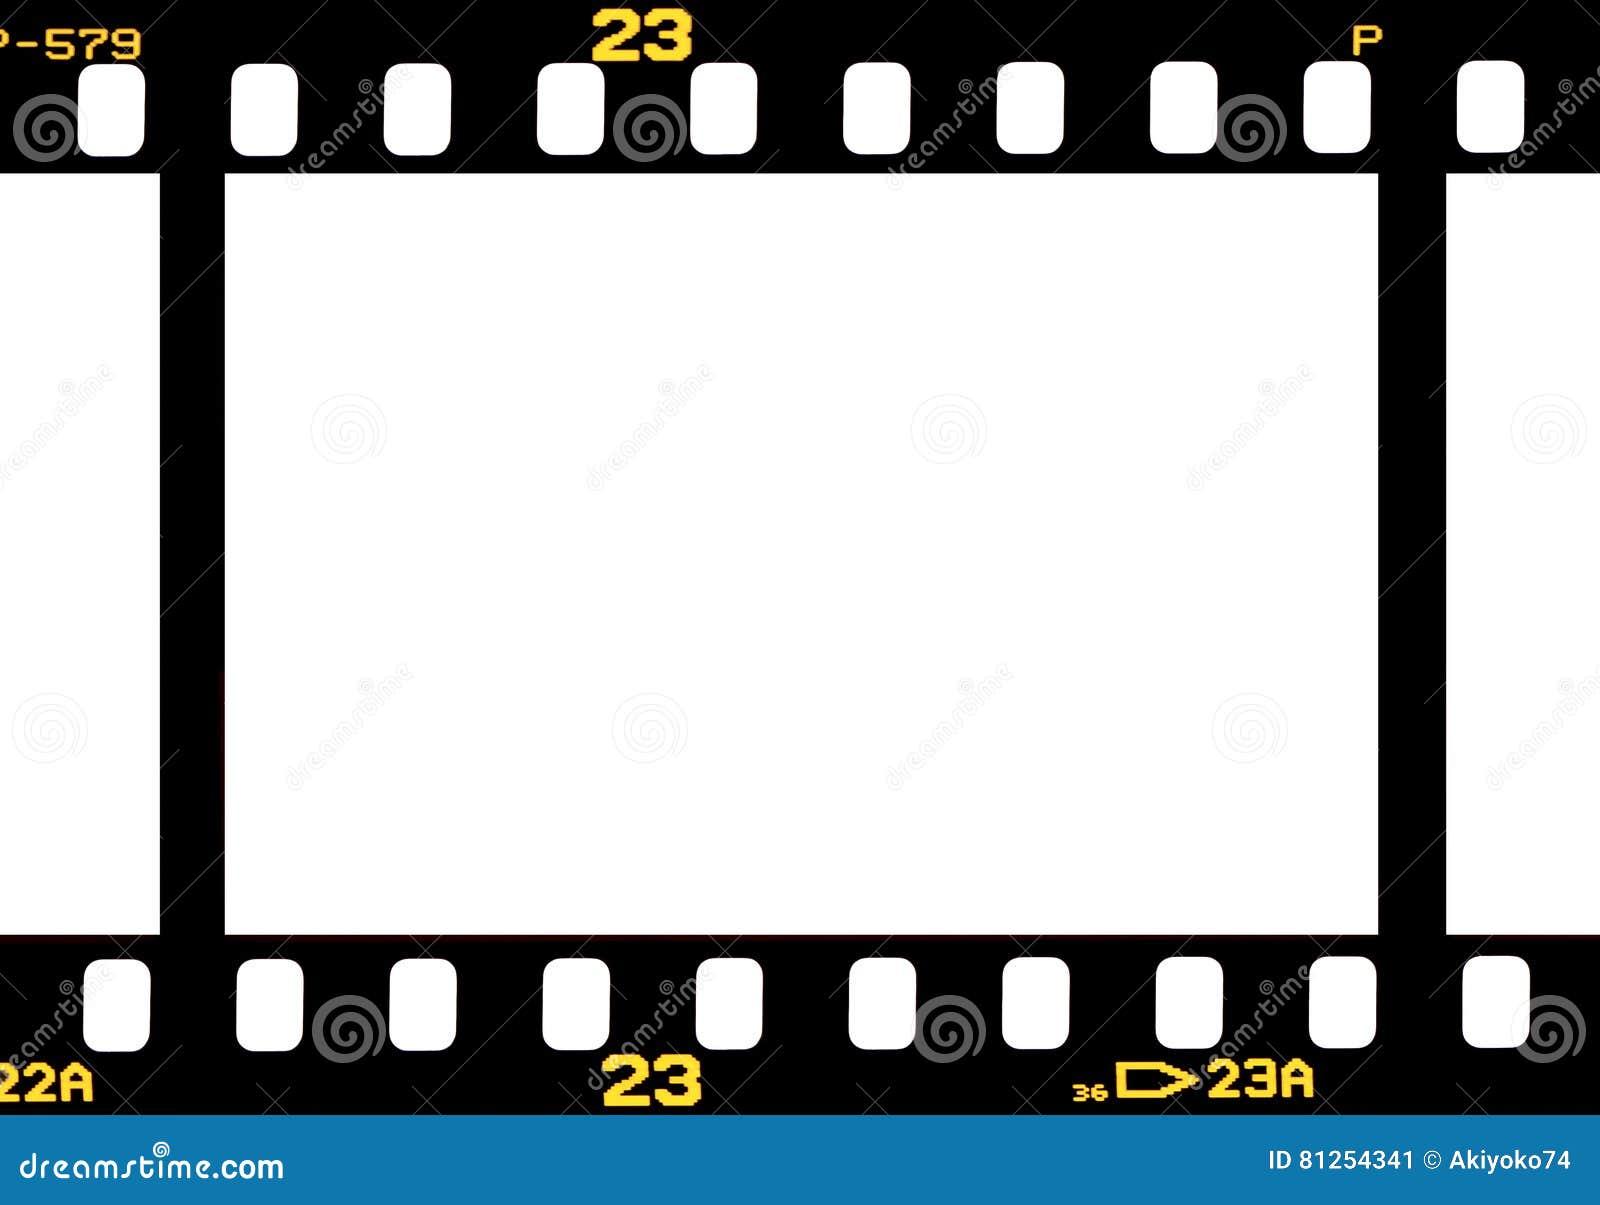 Bande photographique de film de 35 millimètres